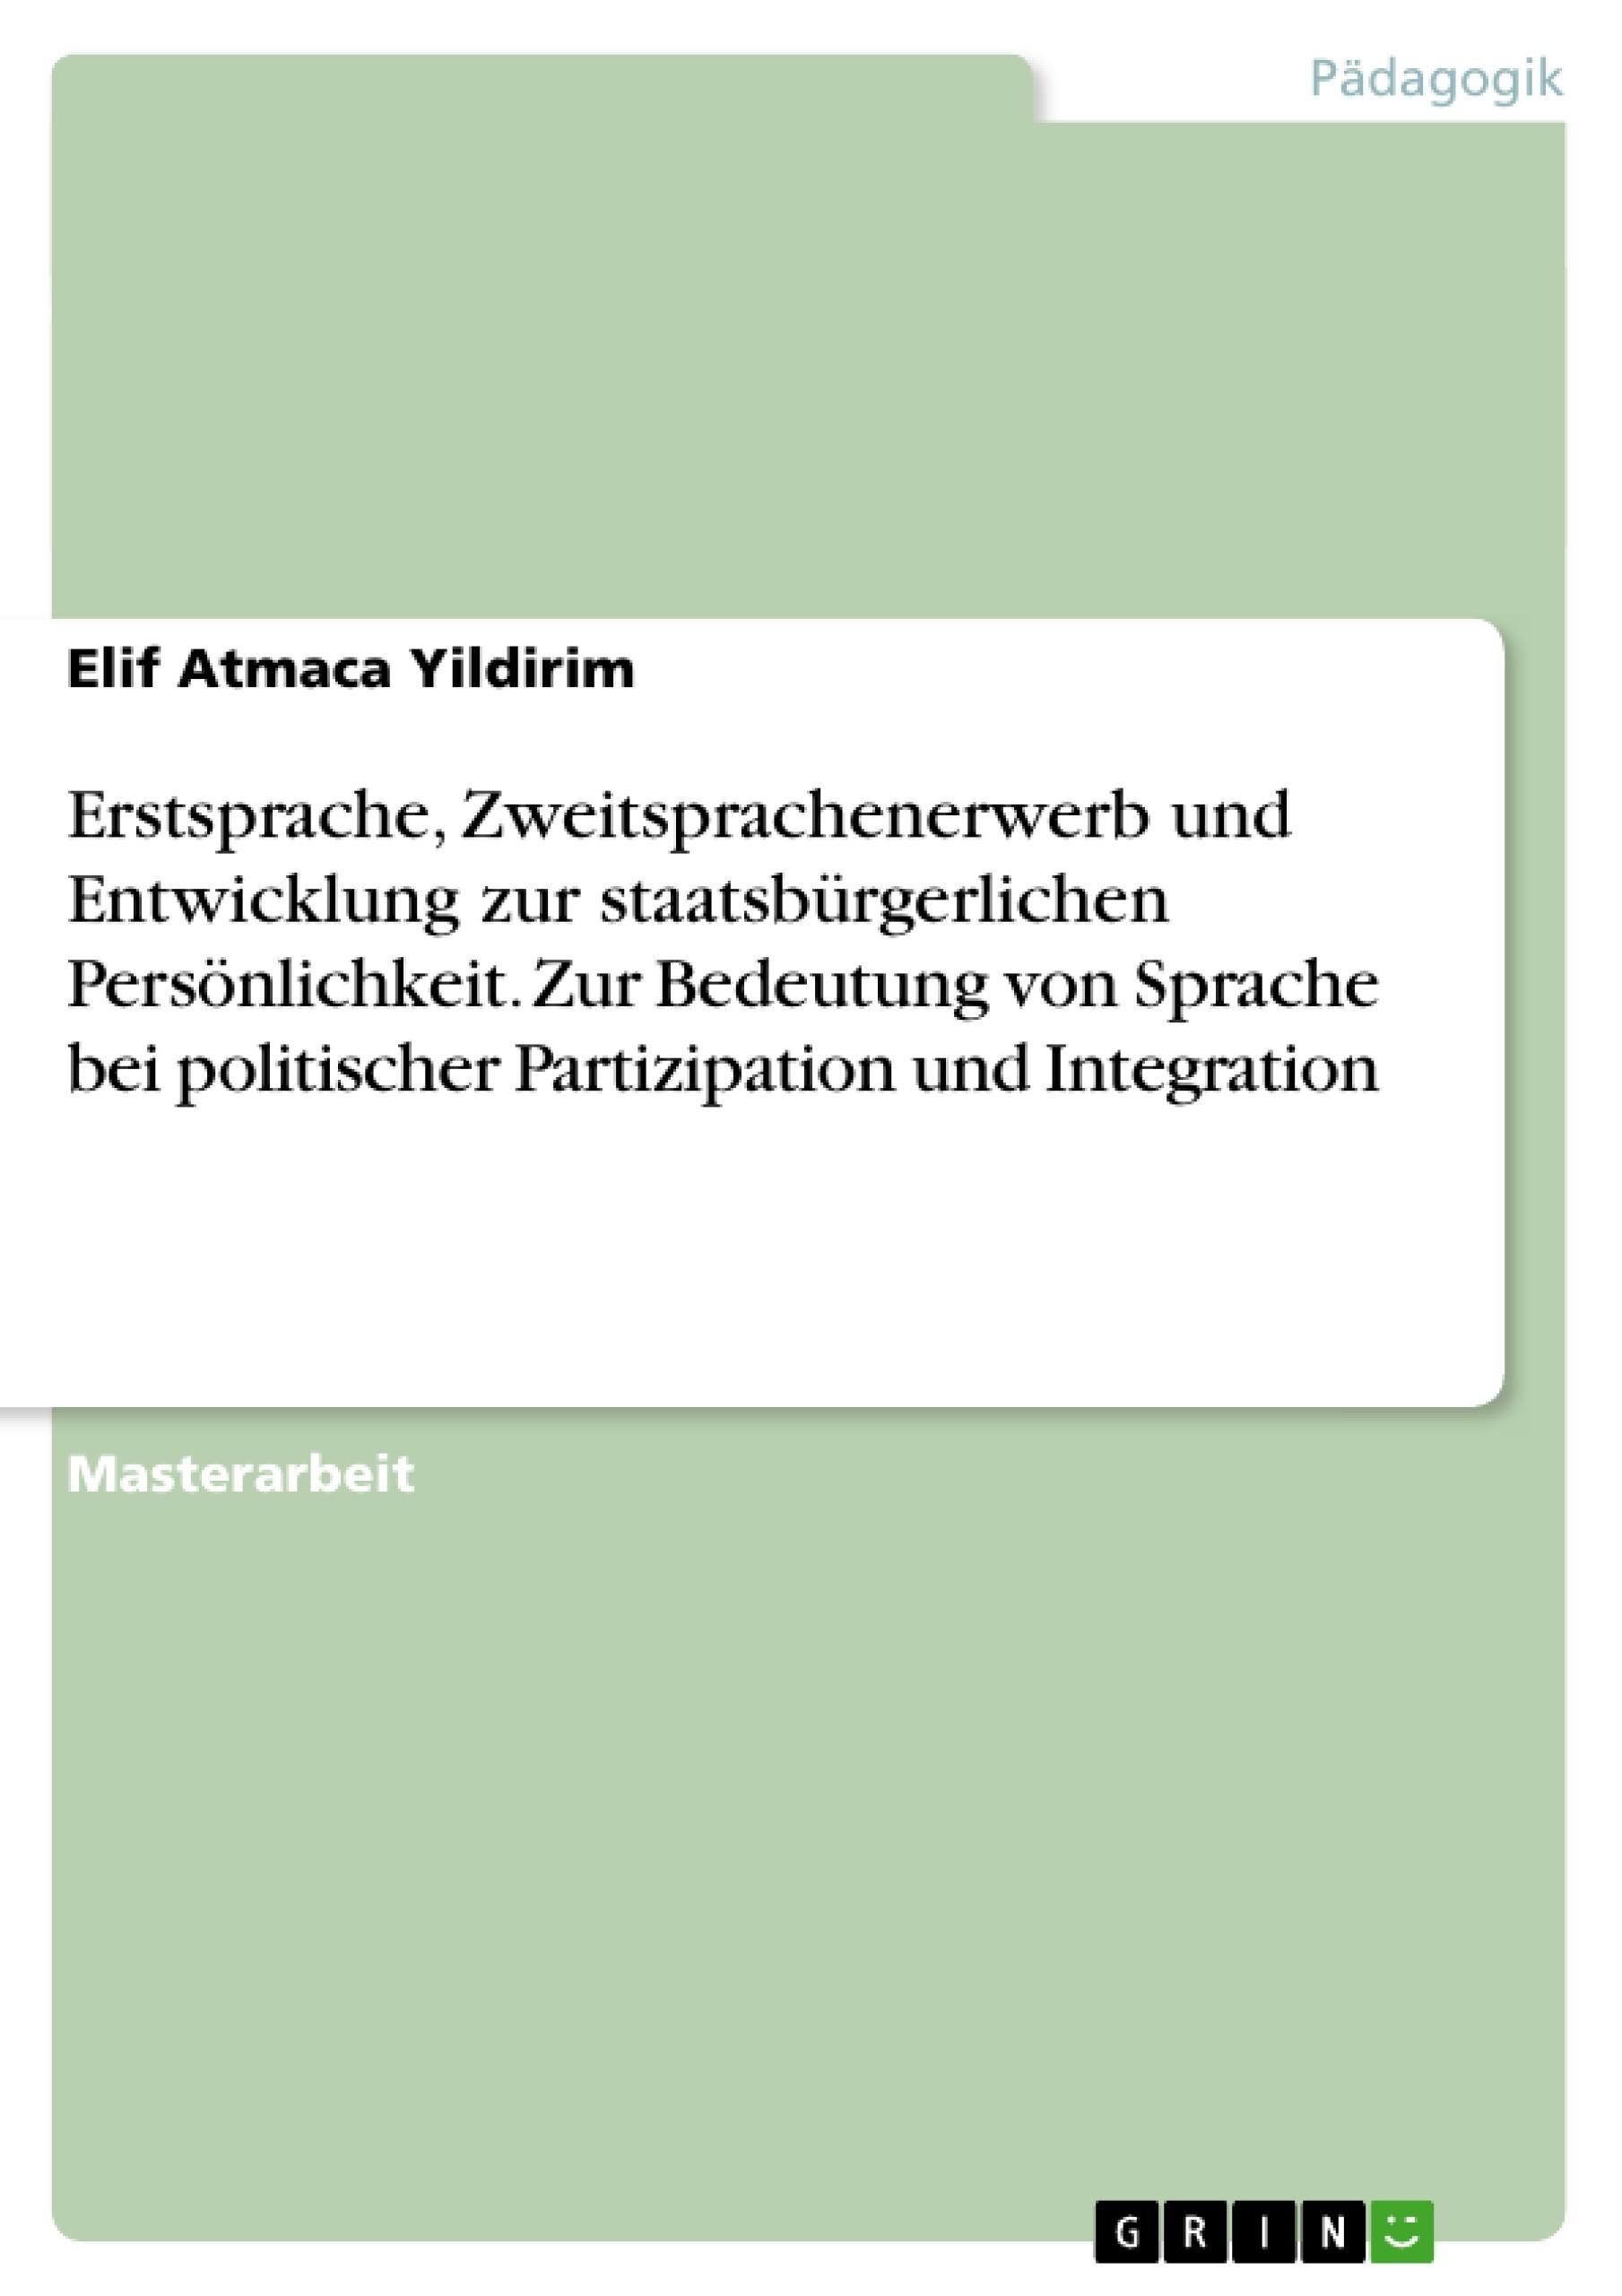 Titel: Erstsprache, Zweitsprachenerwerb und Entwicklung zur staatsbürgerlichen Persönlichkeit. Zur Bedeutung von Sprache bei politischer Partizipation und Integration